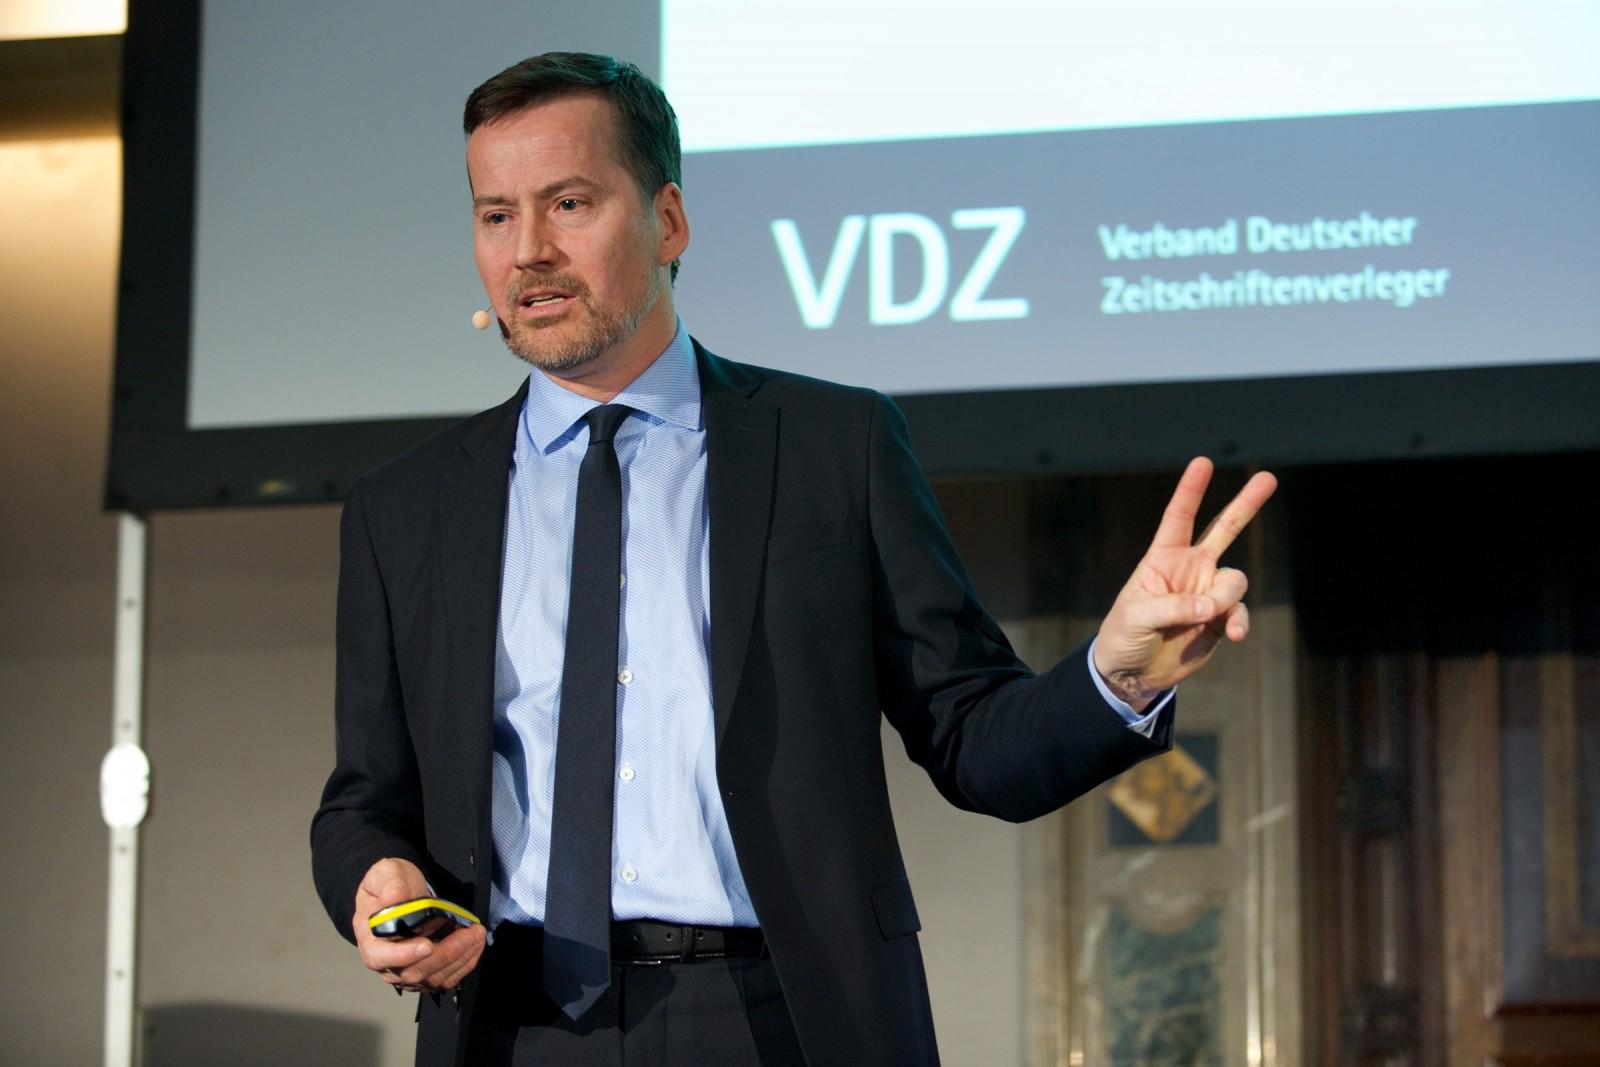 Stephan Scherzer, Verband Deutscher Zeitschriftenverleger VDZ